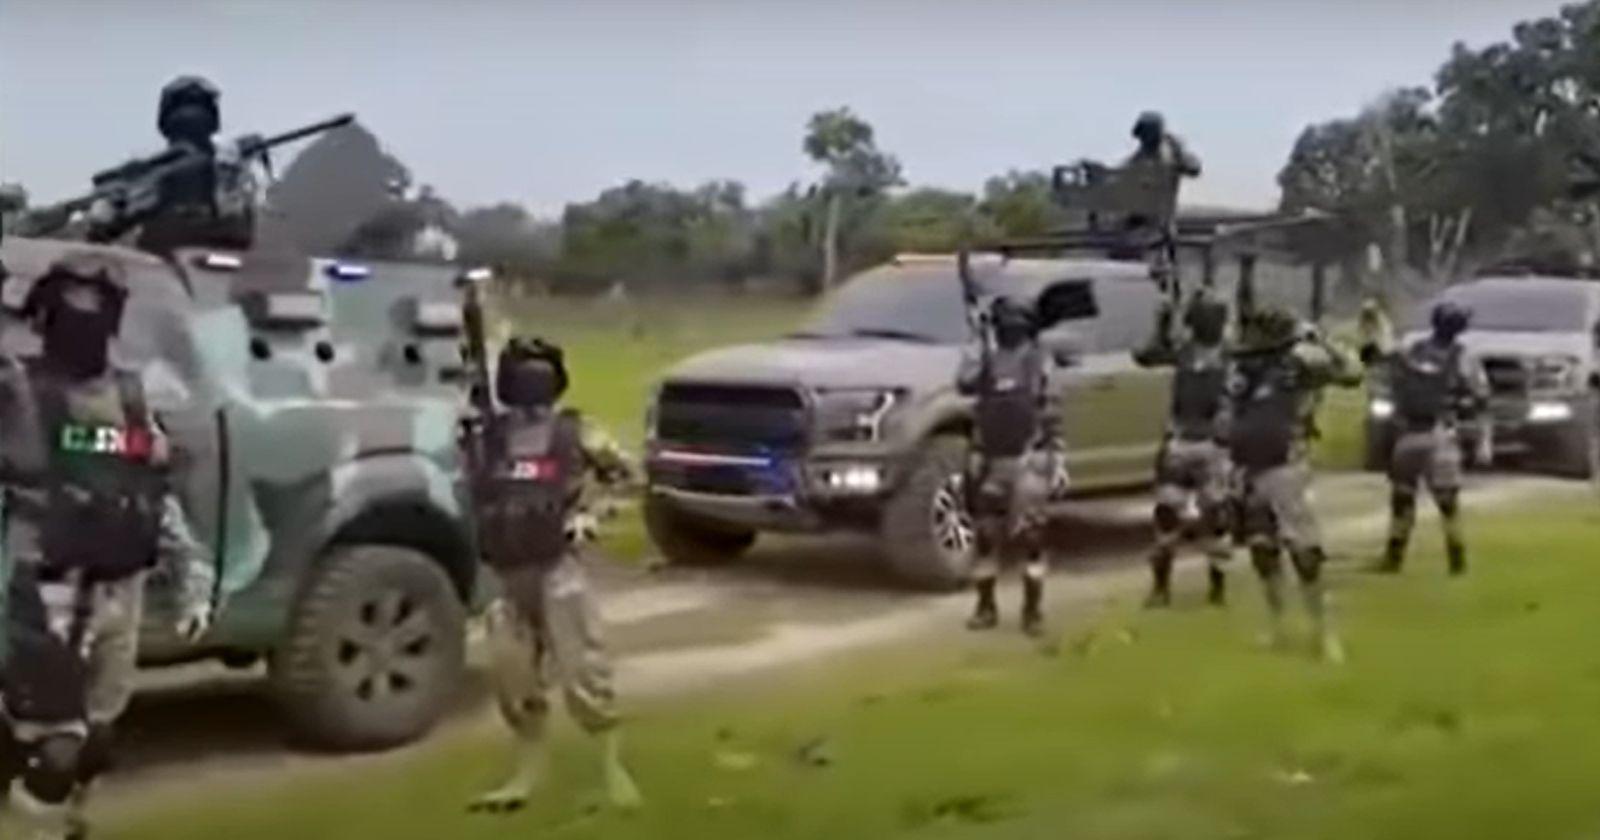 """""""Qué es el Cartel de Jalisco Nueva Generación, el grupo narco que mantiene en tensión a México"""""""